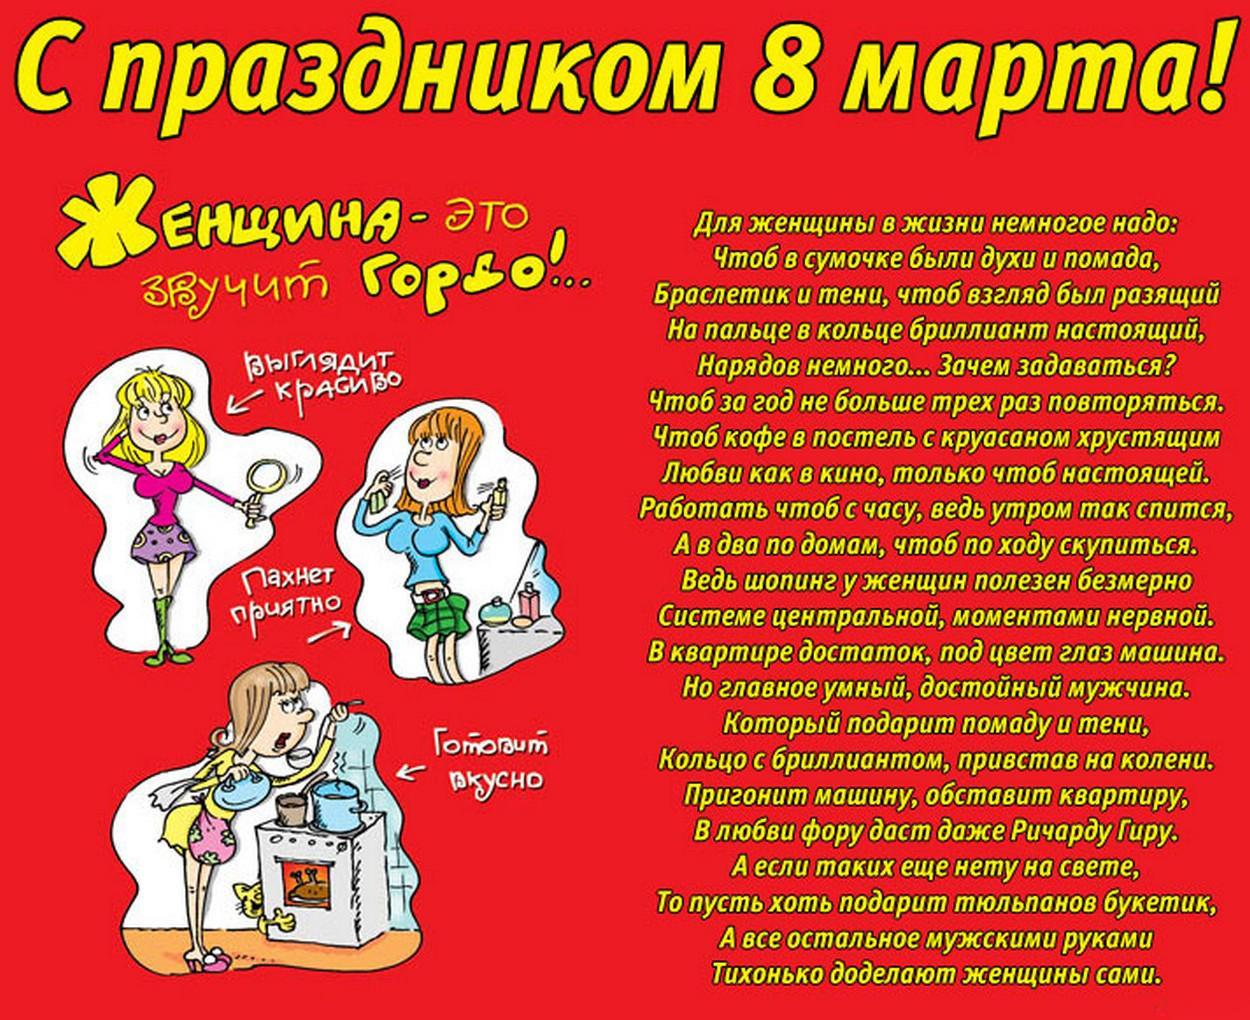 поздравительная открытка с днем 8 марта с юмором